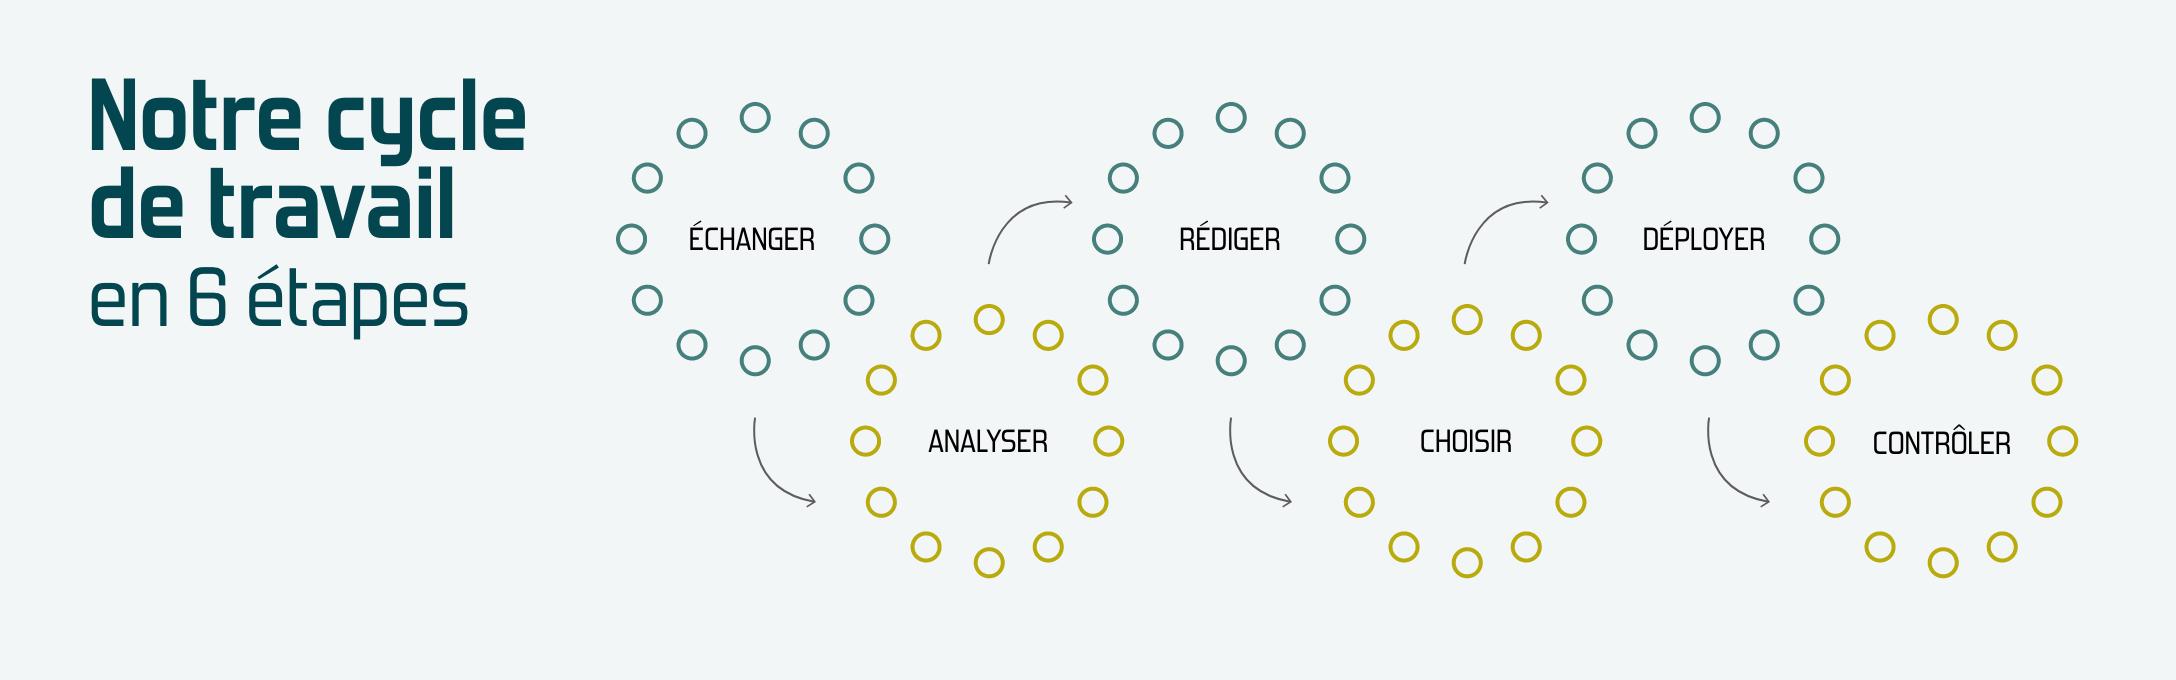 Notre cycle de travail